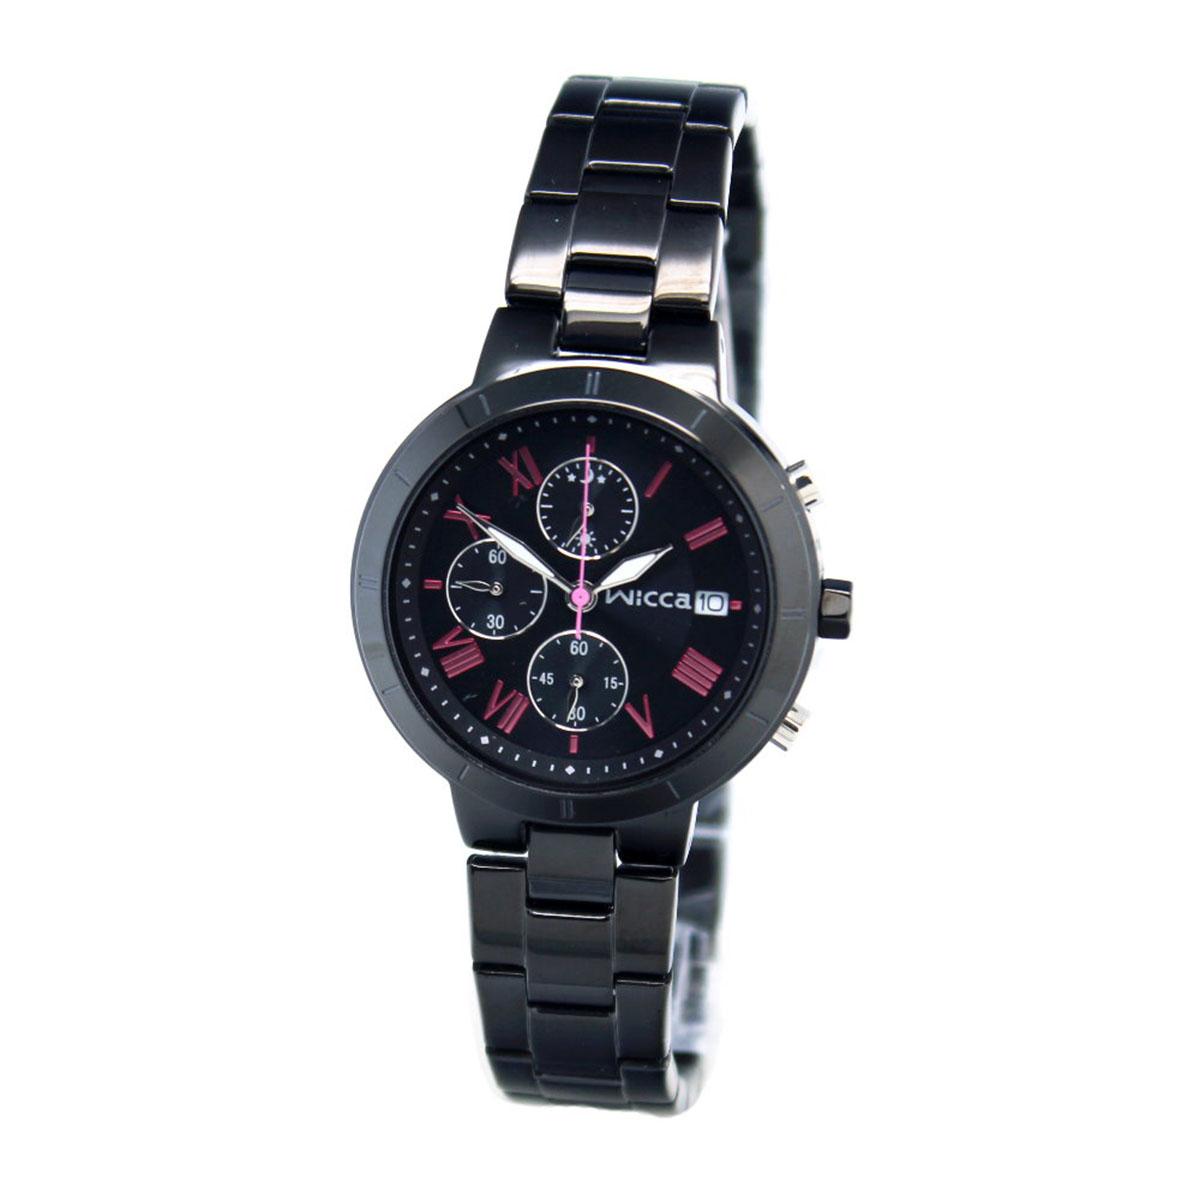 นาฬิกาผู้หญิง Citizen รุ่น BM2-241-51, Casual Chrono Analog Black Watch